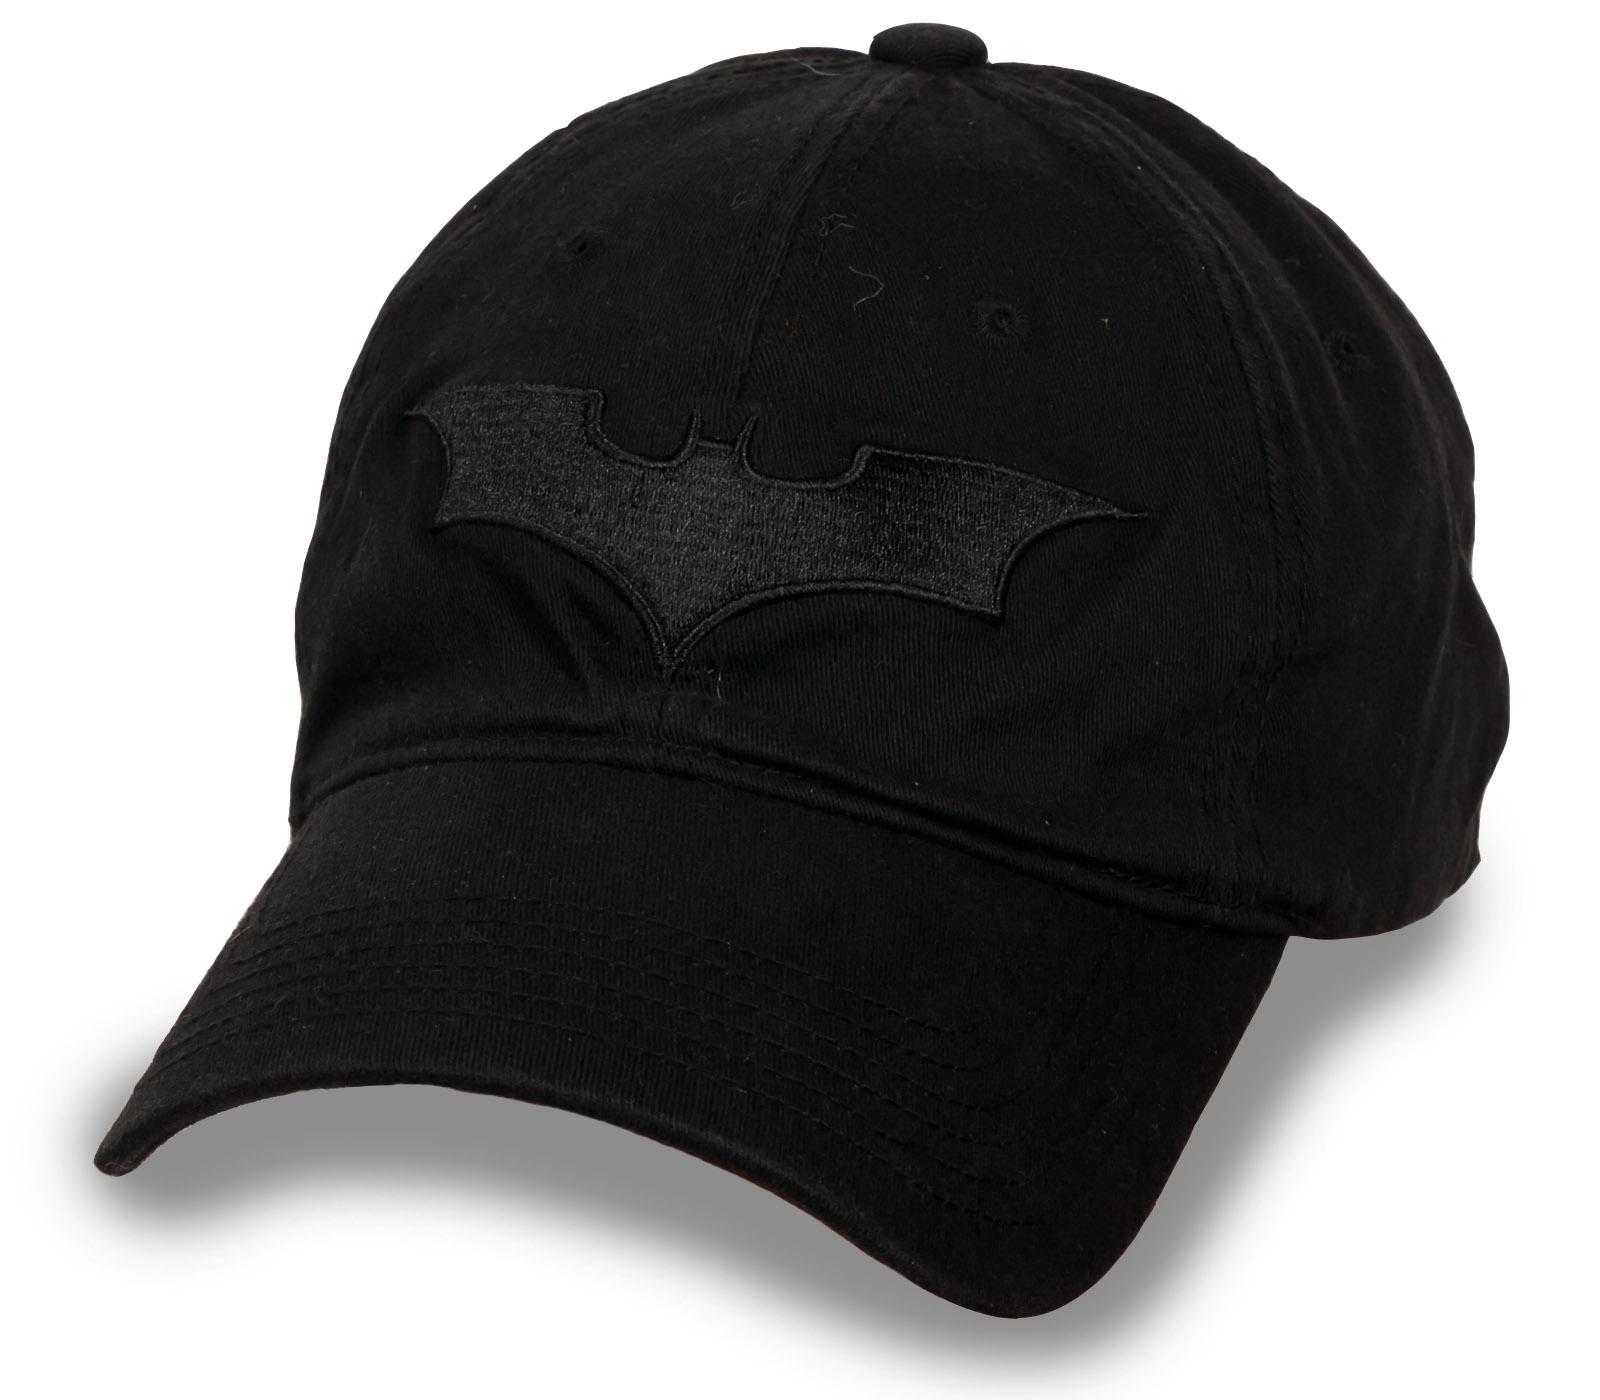 Фирменная черная кепка с эмблемой Бэтмена